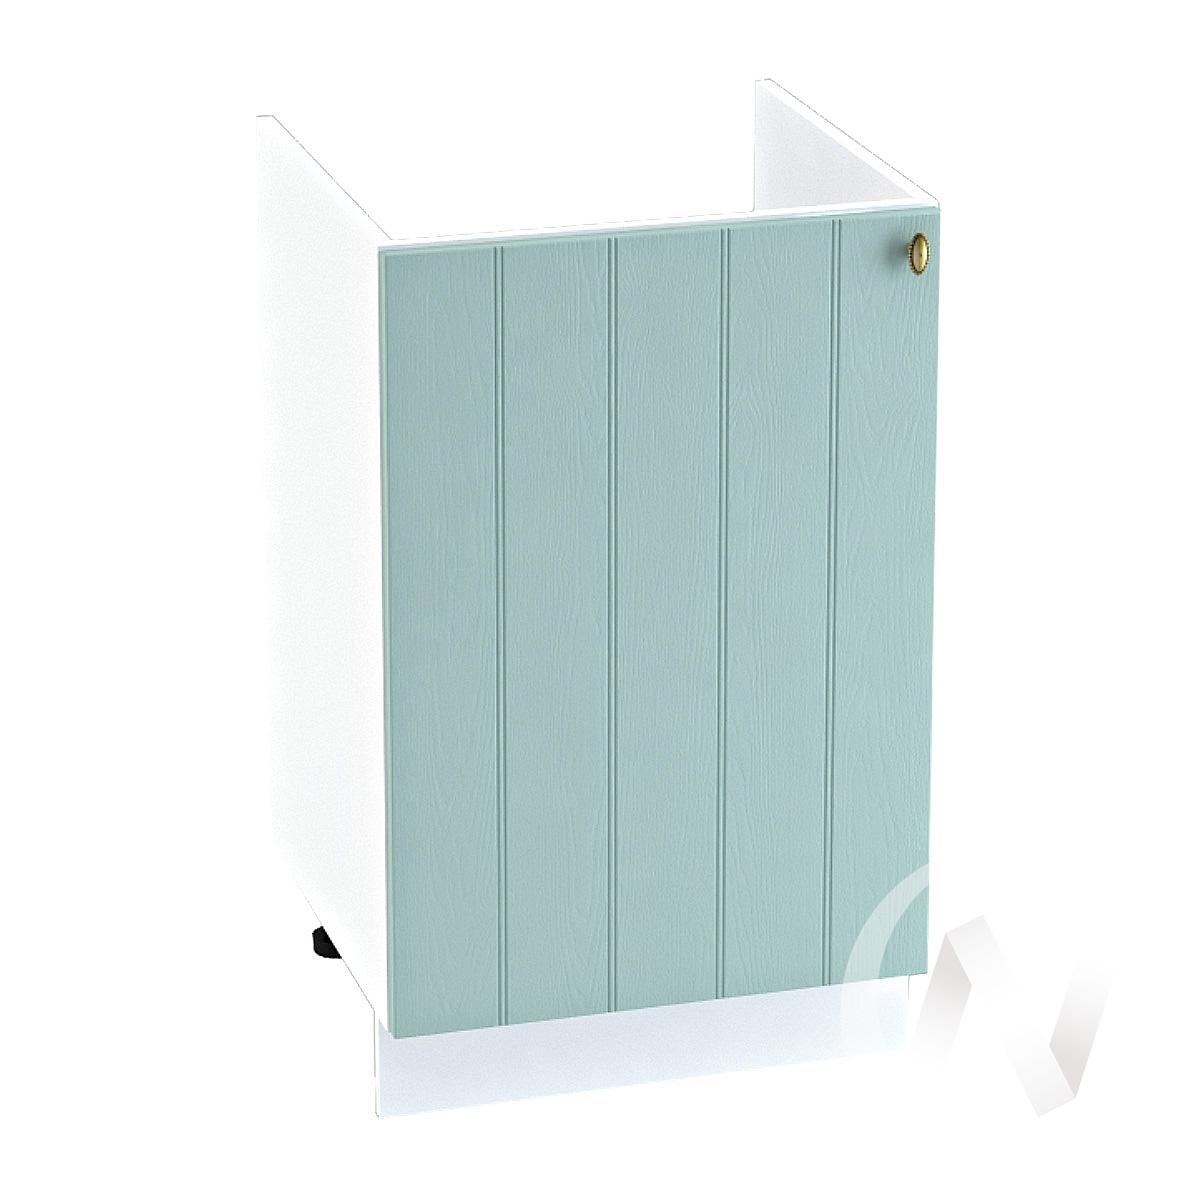 """Кухня """"Прованс"""": Шкаф нижний под мойку 500, ШНМ 500 (голубой/корпус белый)"""